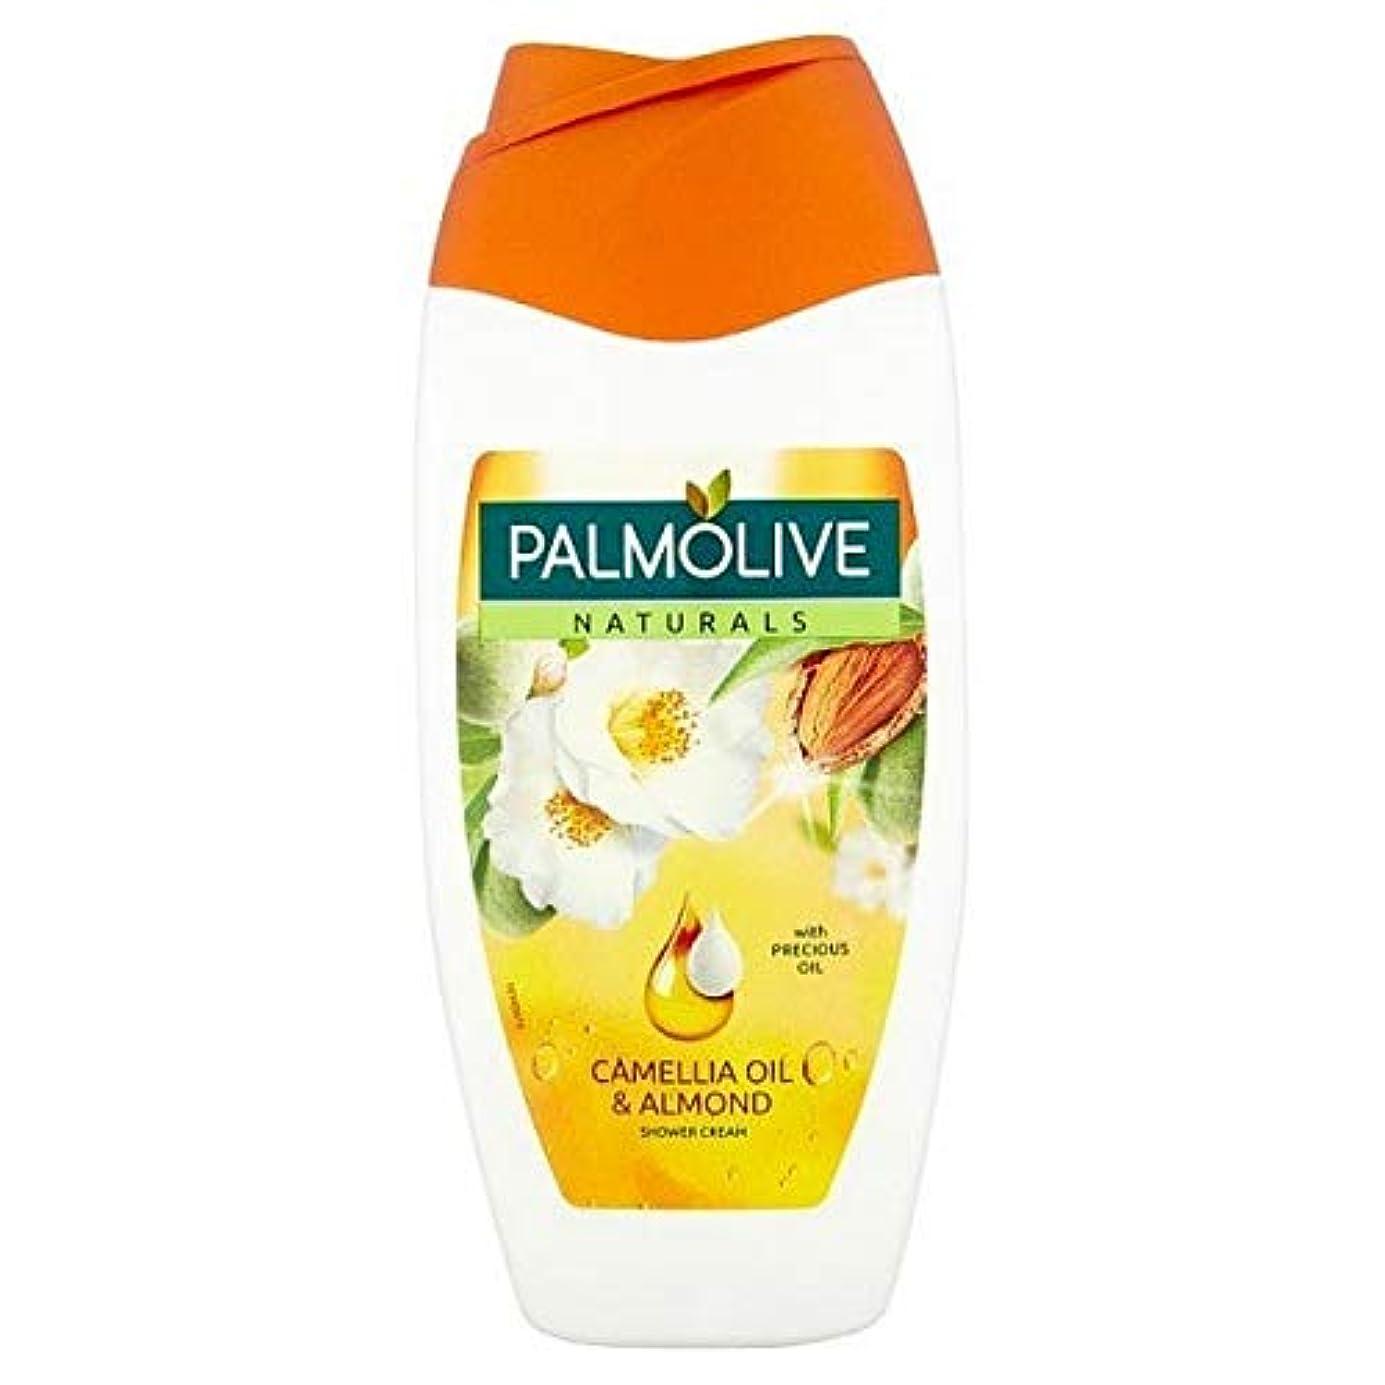 ロバ強大なペレグリネーション[Palmolive ] パルモナチュラル椿油&アーモンドシャワージェル250ミリリットル - Palmolive Naturals Camellia Oil & Almond Shower Gel 250ml [並行輸入品]